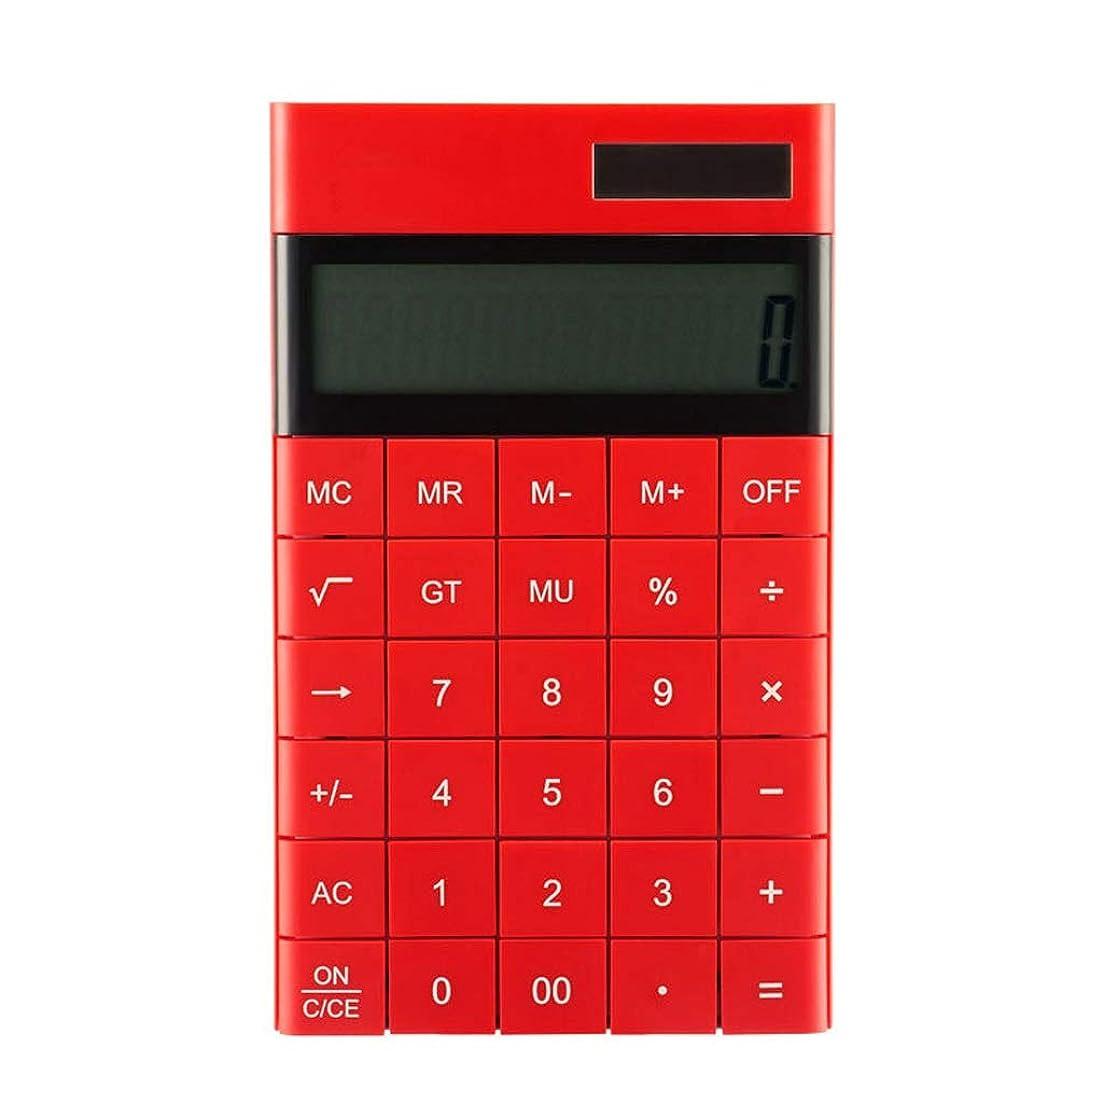 何よりも状鋭く(ハロー) Haxuronics 電卓 12桁 大画面表示 電卓 ポータブル デュアルエネルギー 薄型 フラットキャンディーカラー クリエイティブ ビッグボタン計算機 レッド 12366